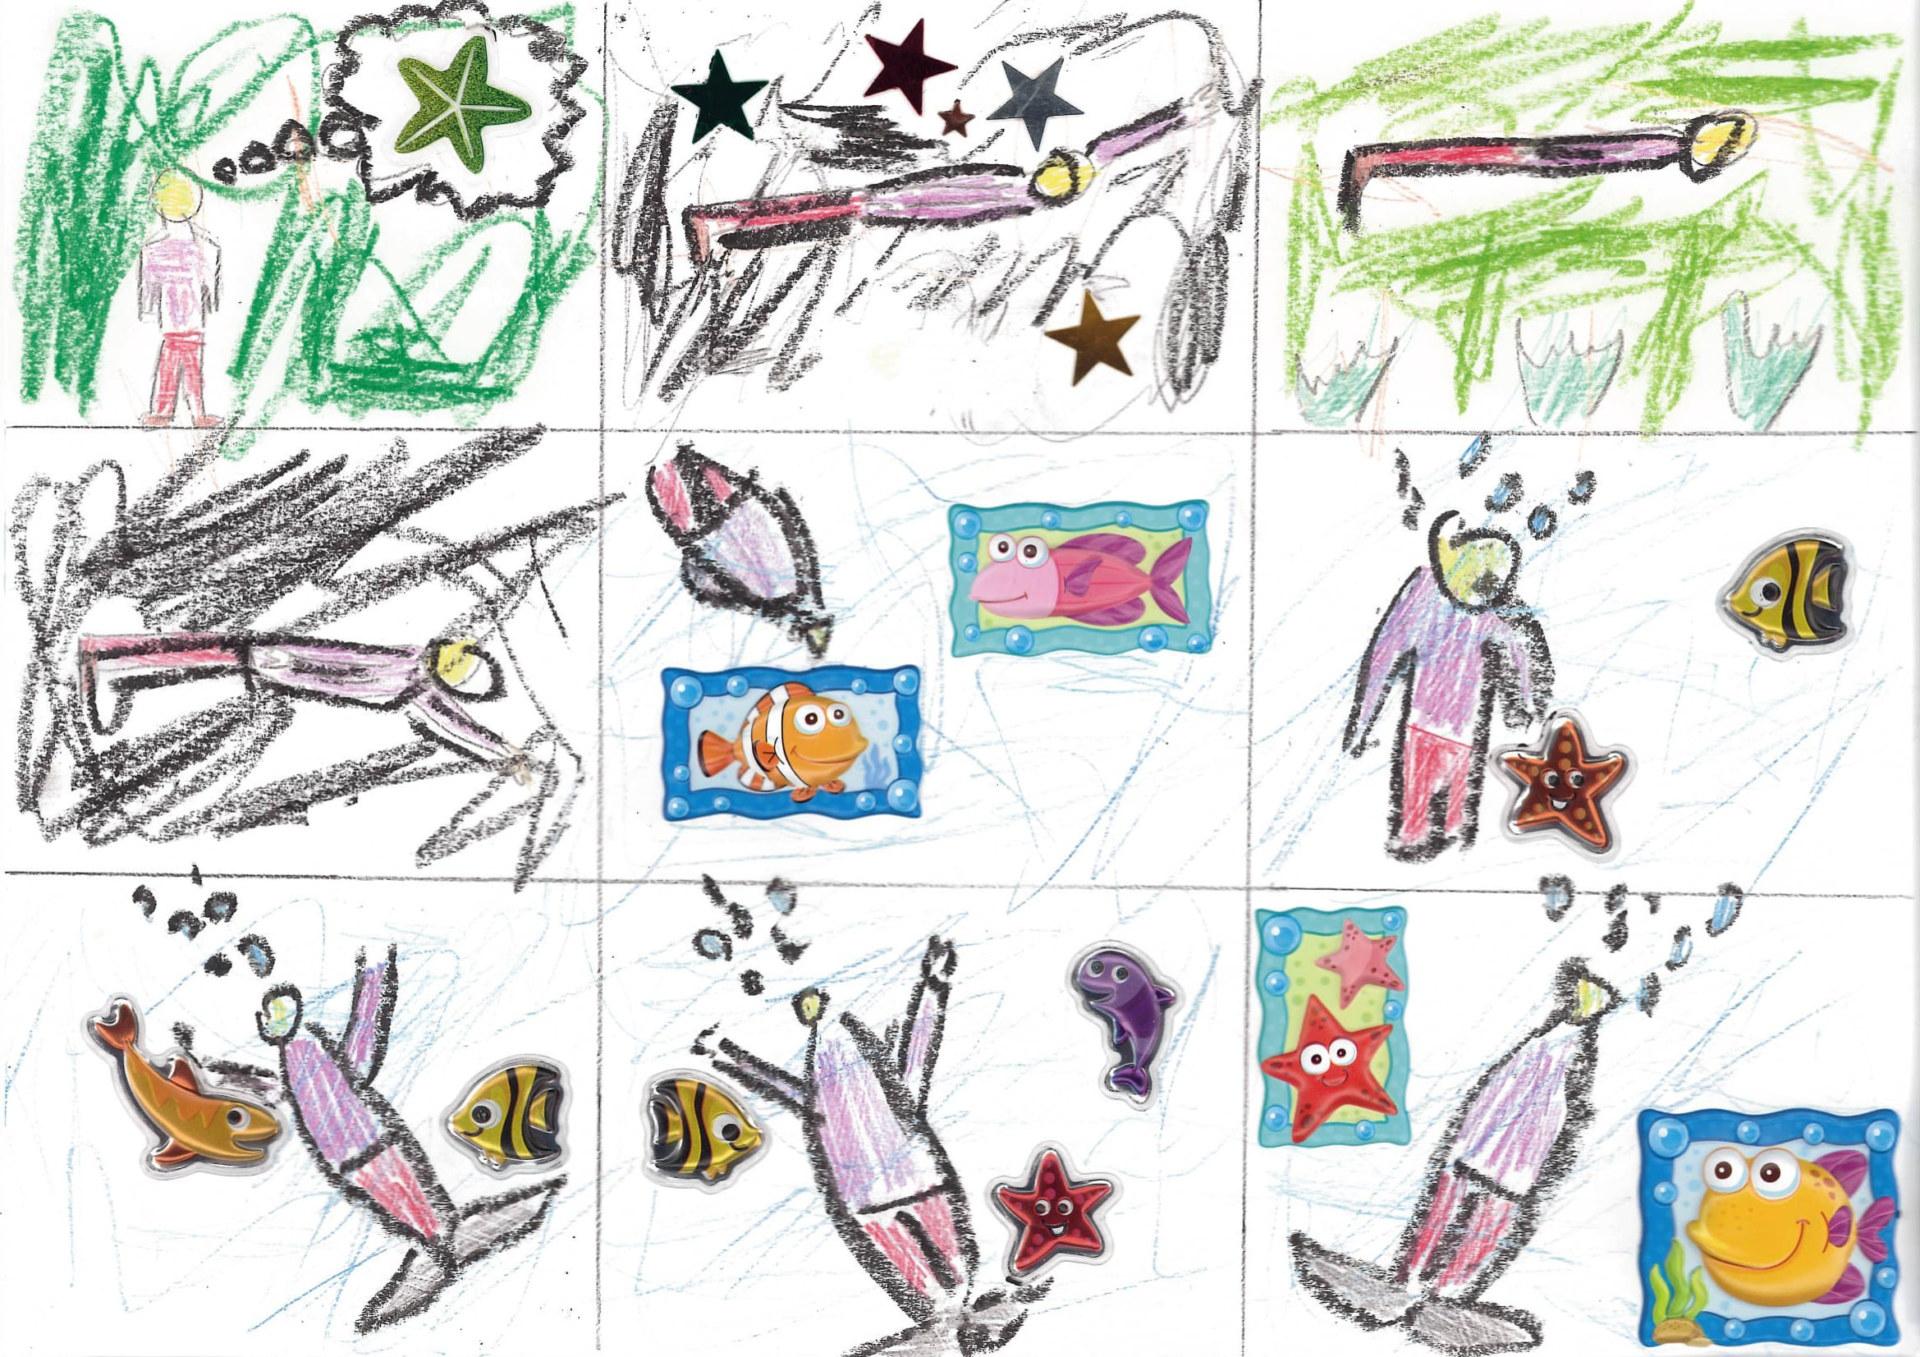 Komiks przygotowany przez uczestnika konkursu.